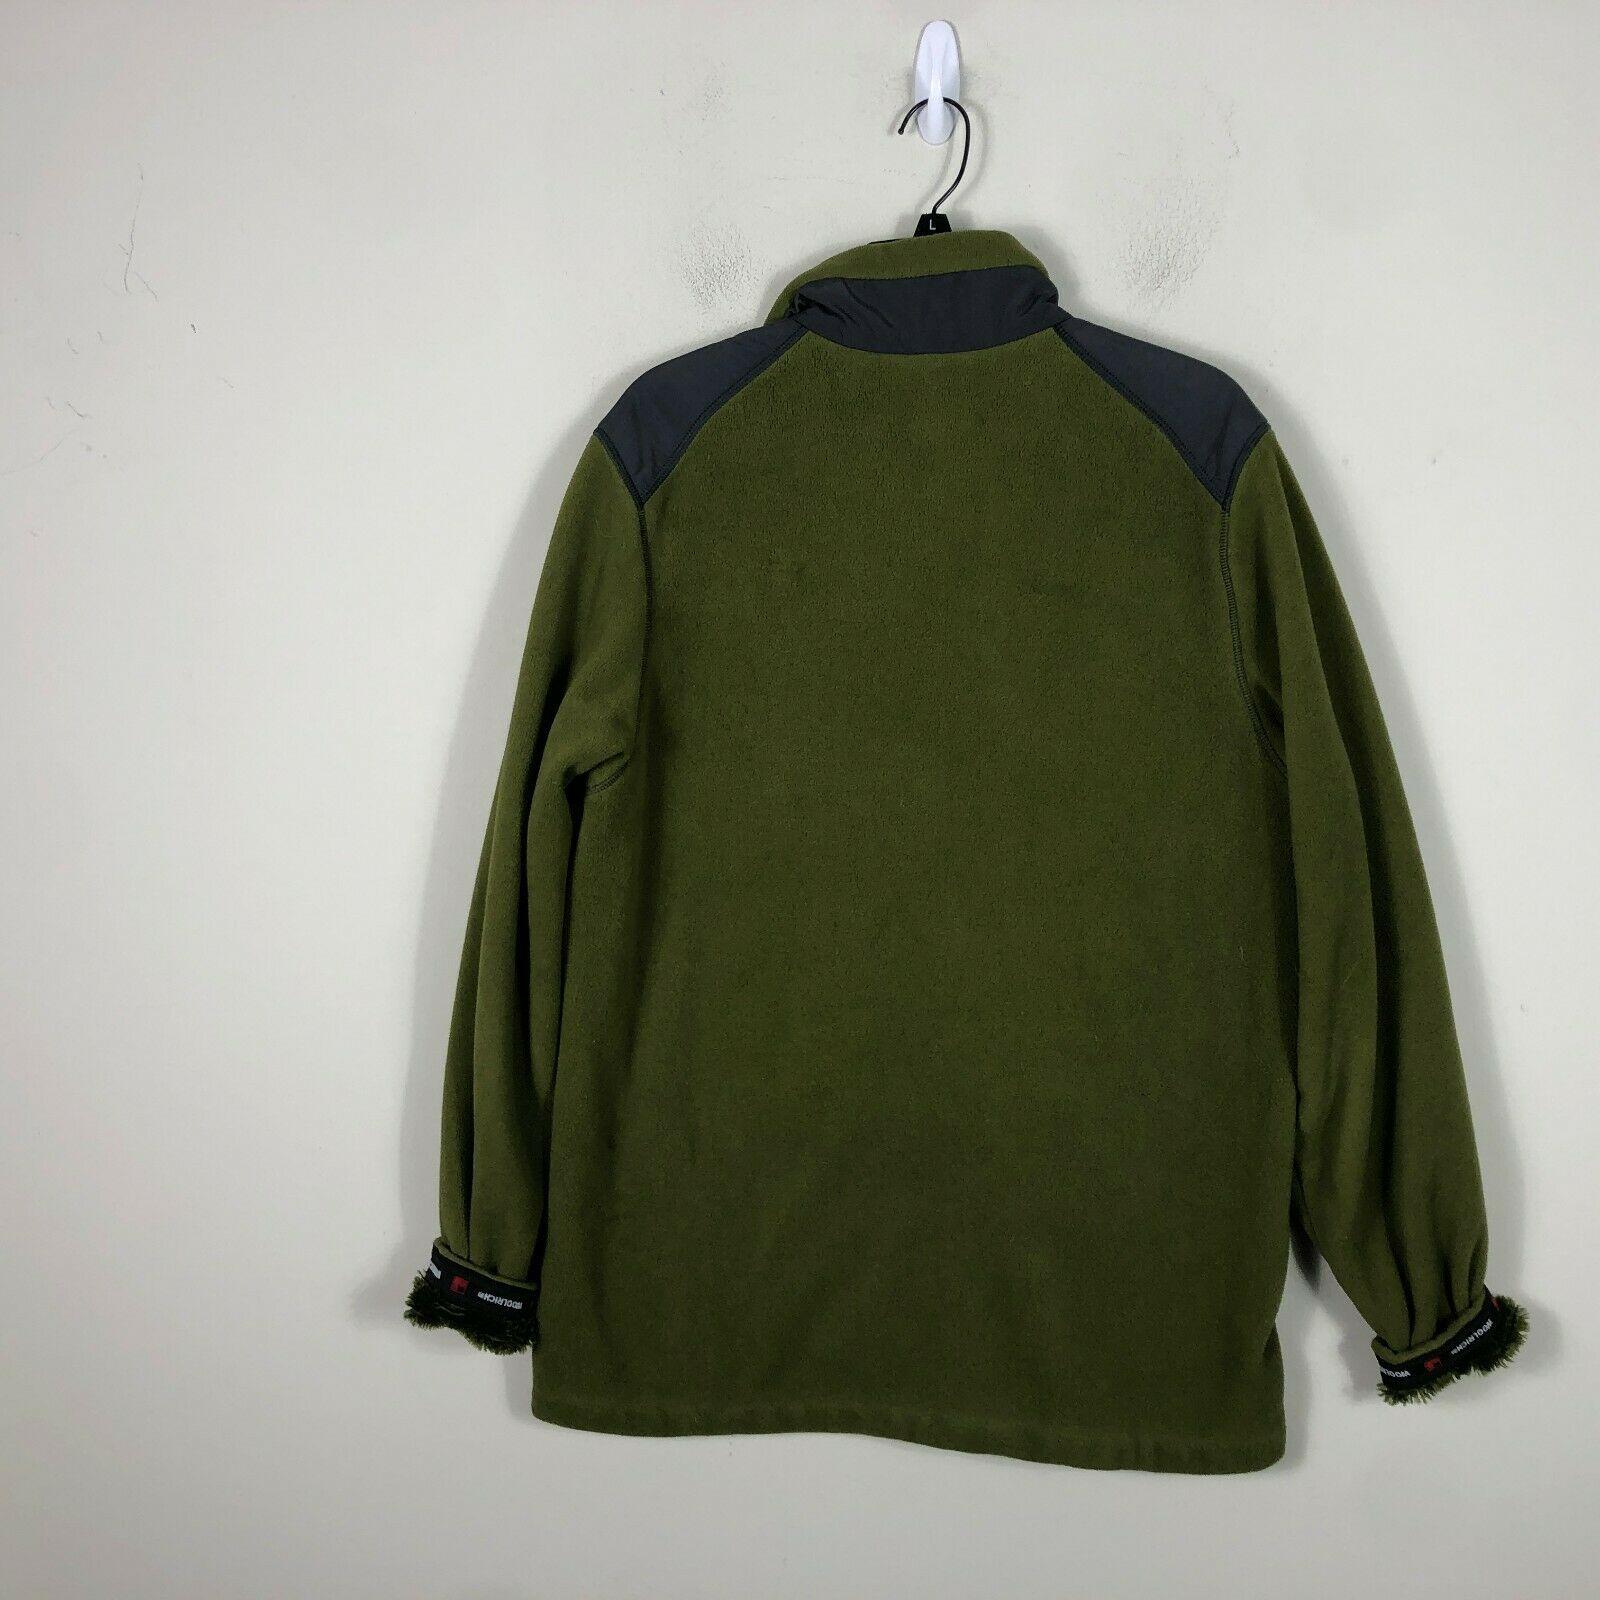 WoolRich Pile Fleece Jacket 1/2 Zip Men's M Green Long Sleeve Faux Fur Lined image 8